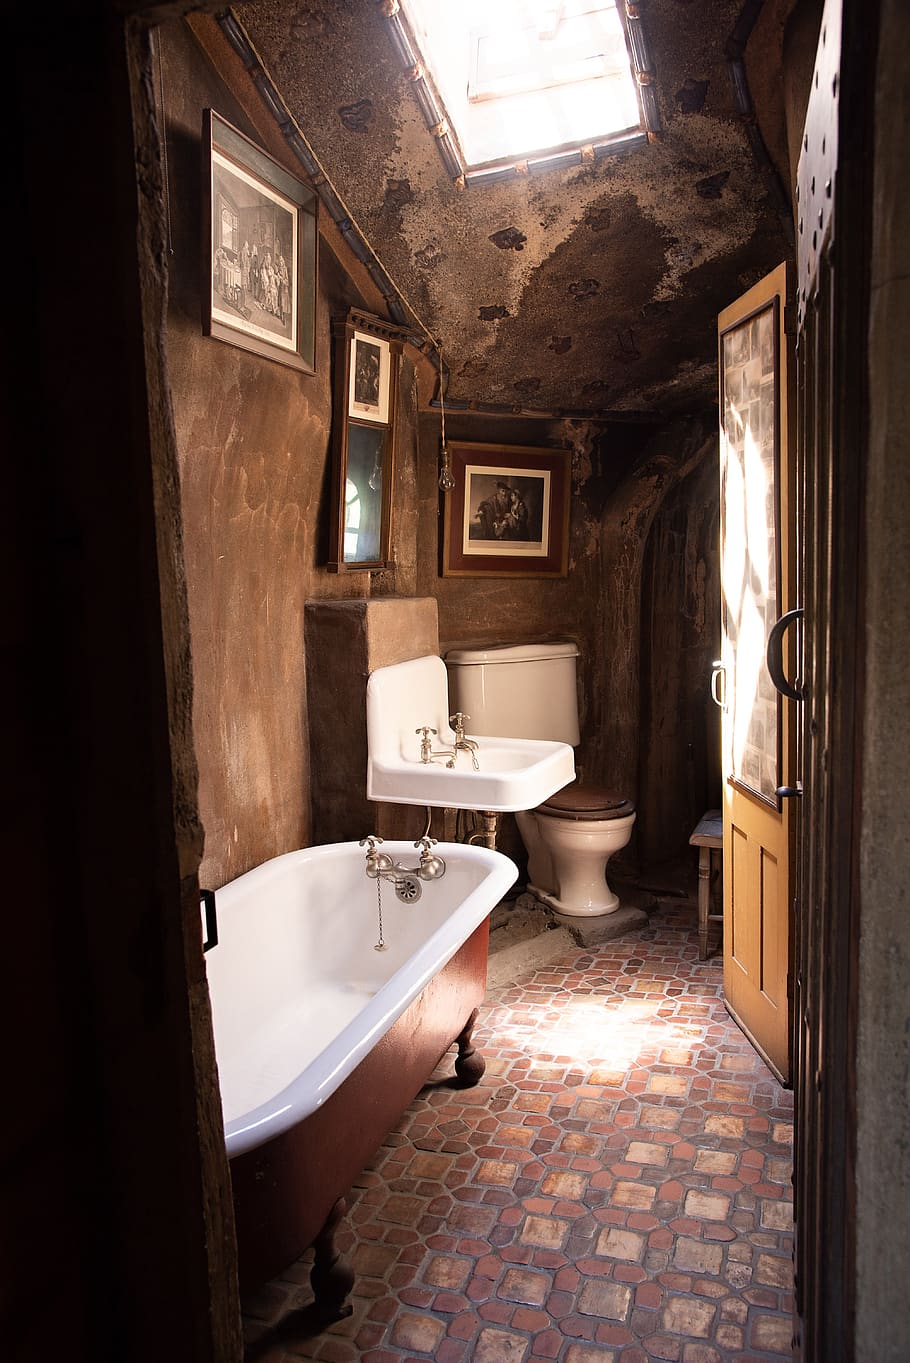 bath sink faucet tap toilet